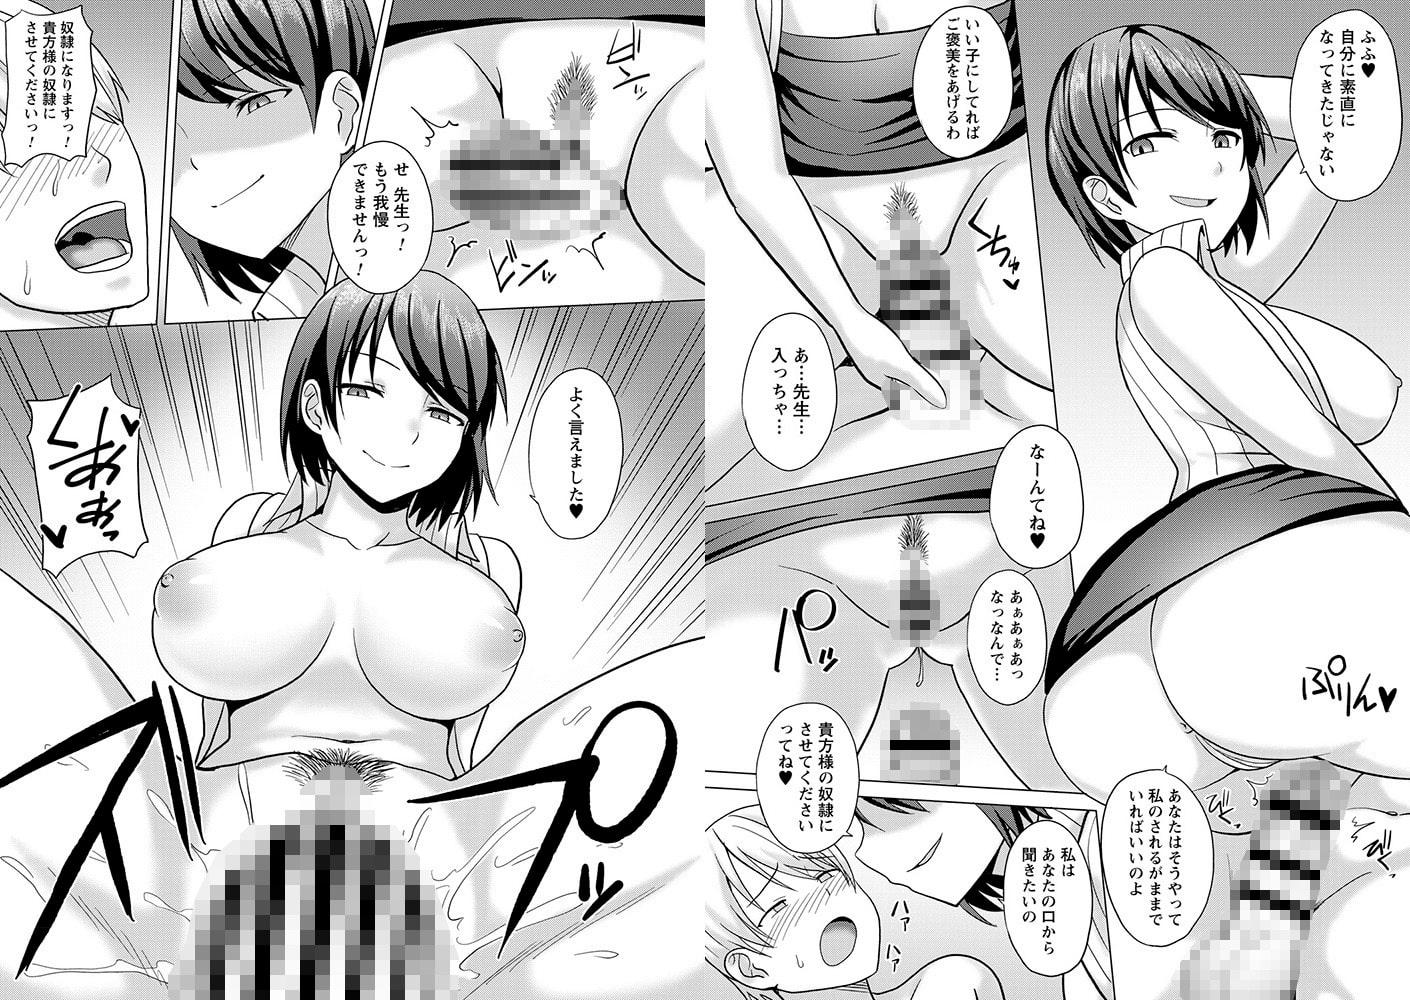 ドS女子が絶対にセックスで逆転されない世界vol.1